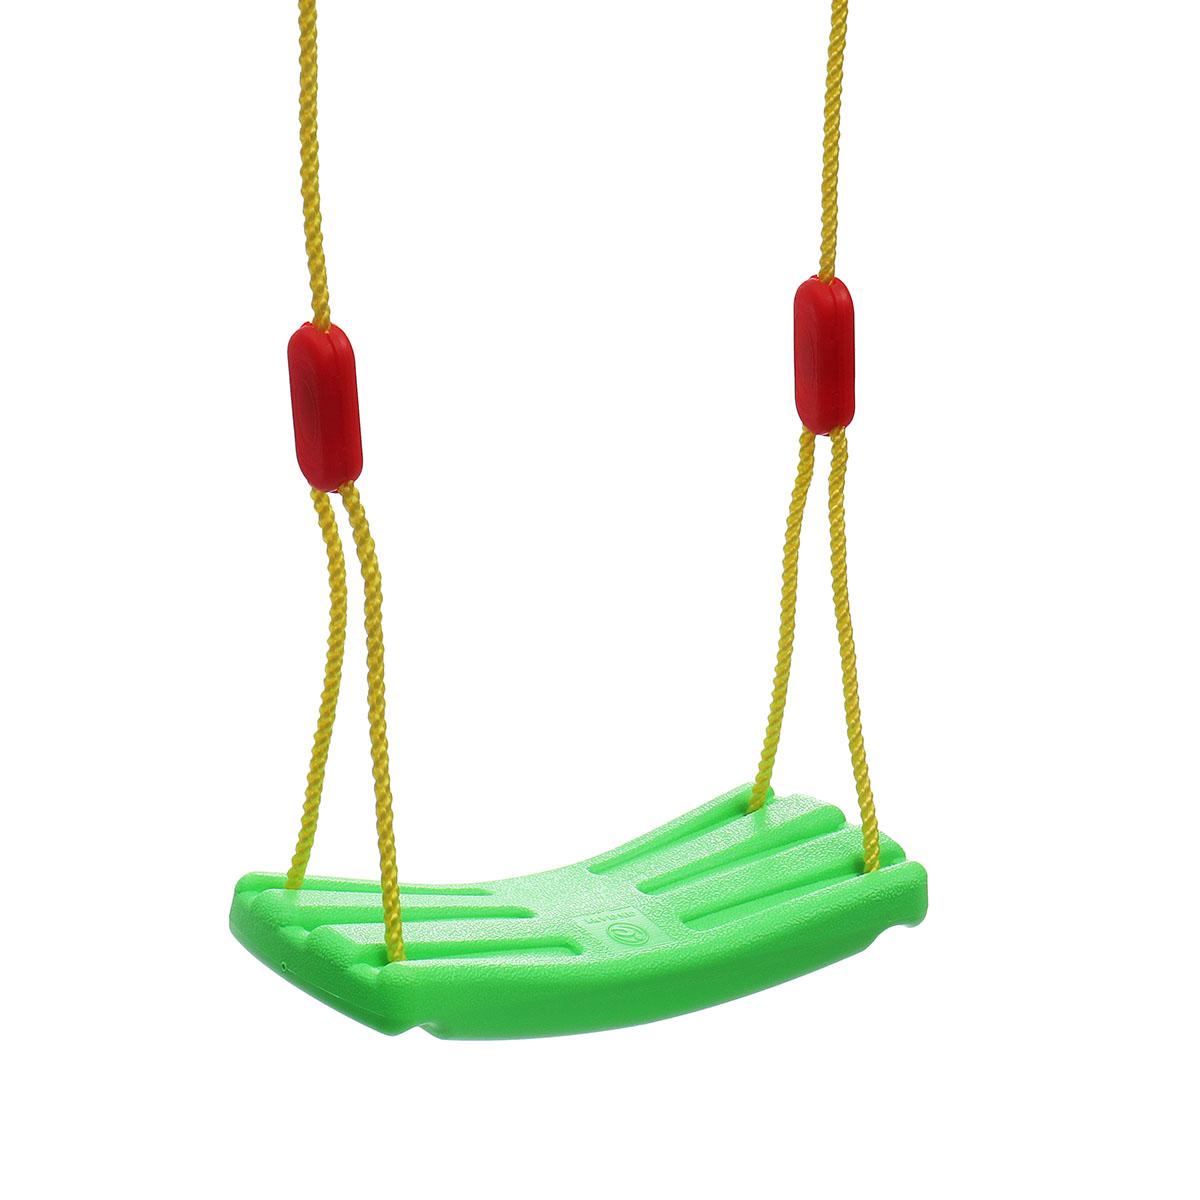 SwingSeatДетскаяИгрушкаFun На открытом воздухе Сад Гамак Регулируемый Веревка Подвесной Стул